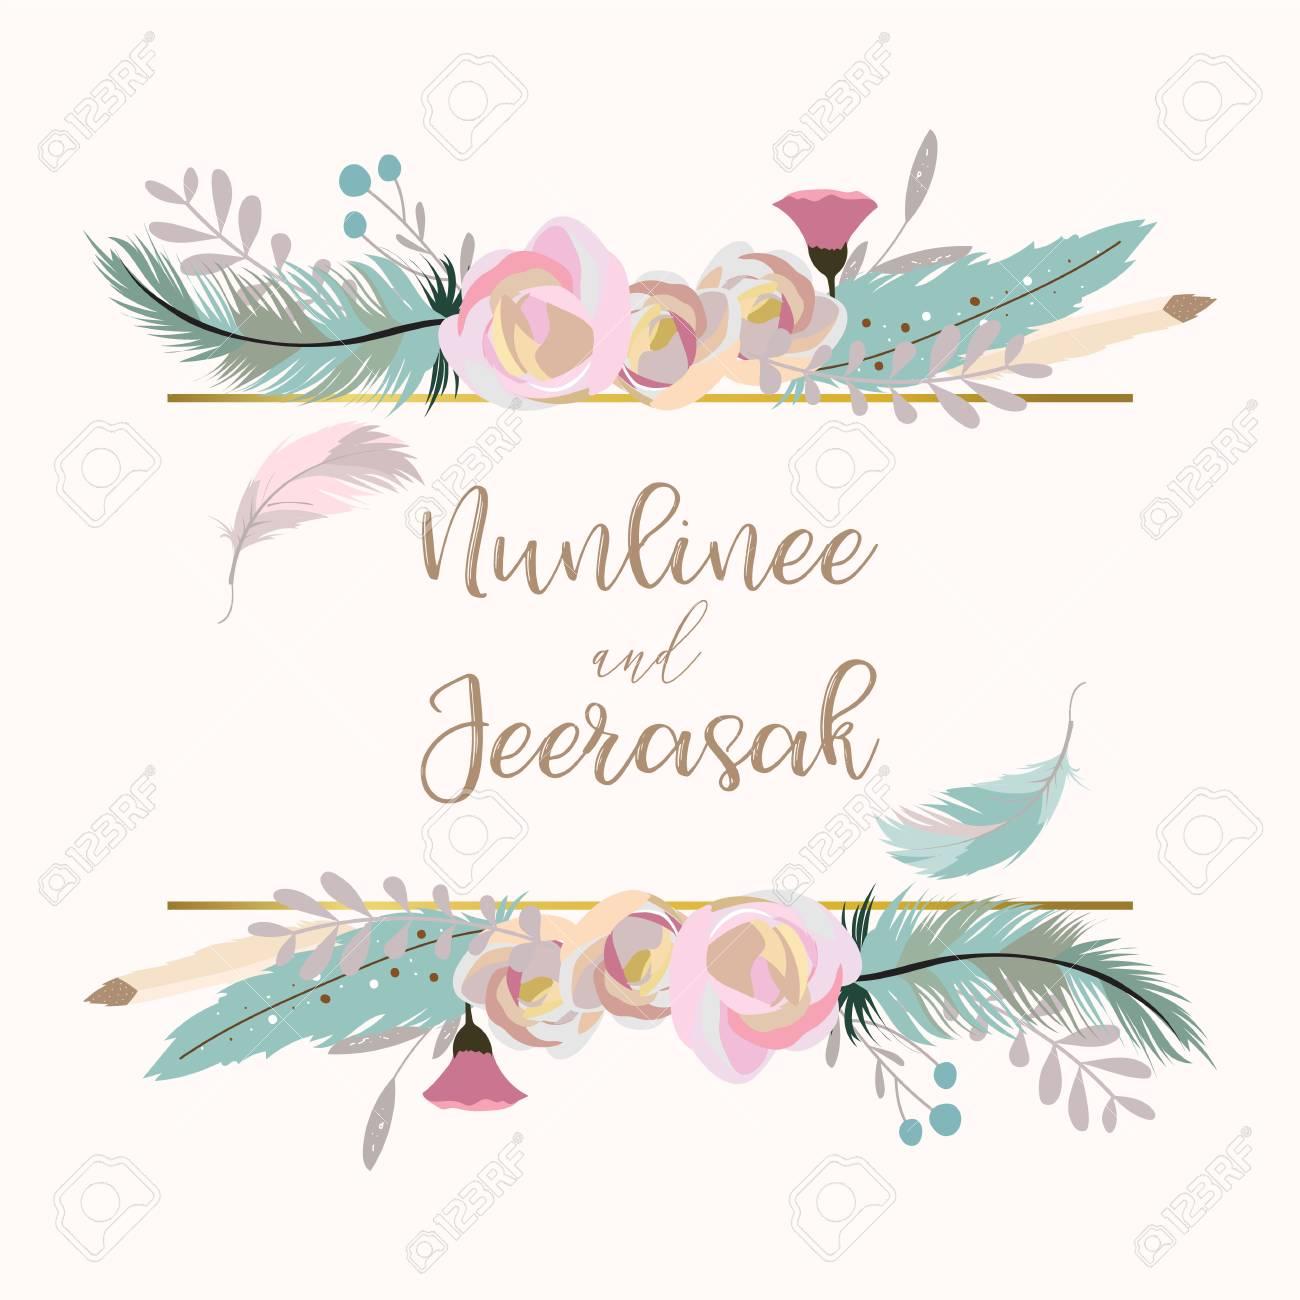 Geometry Gold Wedding Invitation Card With Flower Leaf Ribbon Wreath